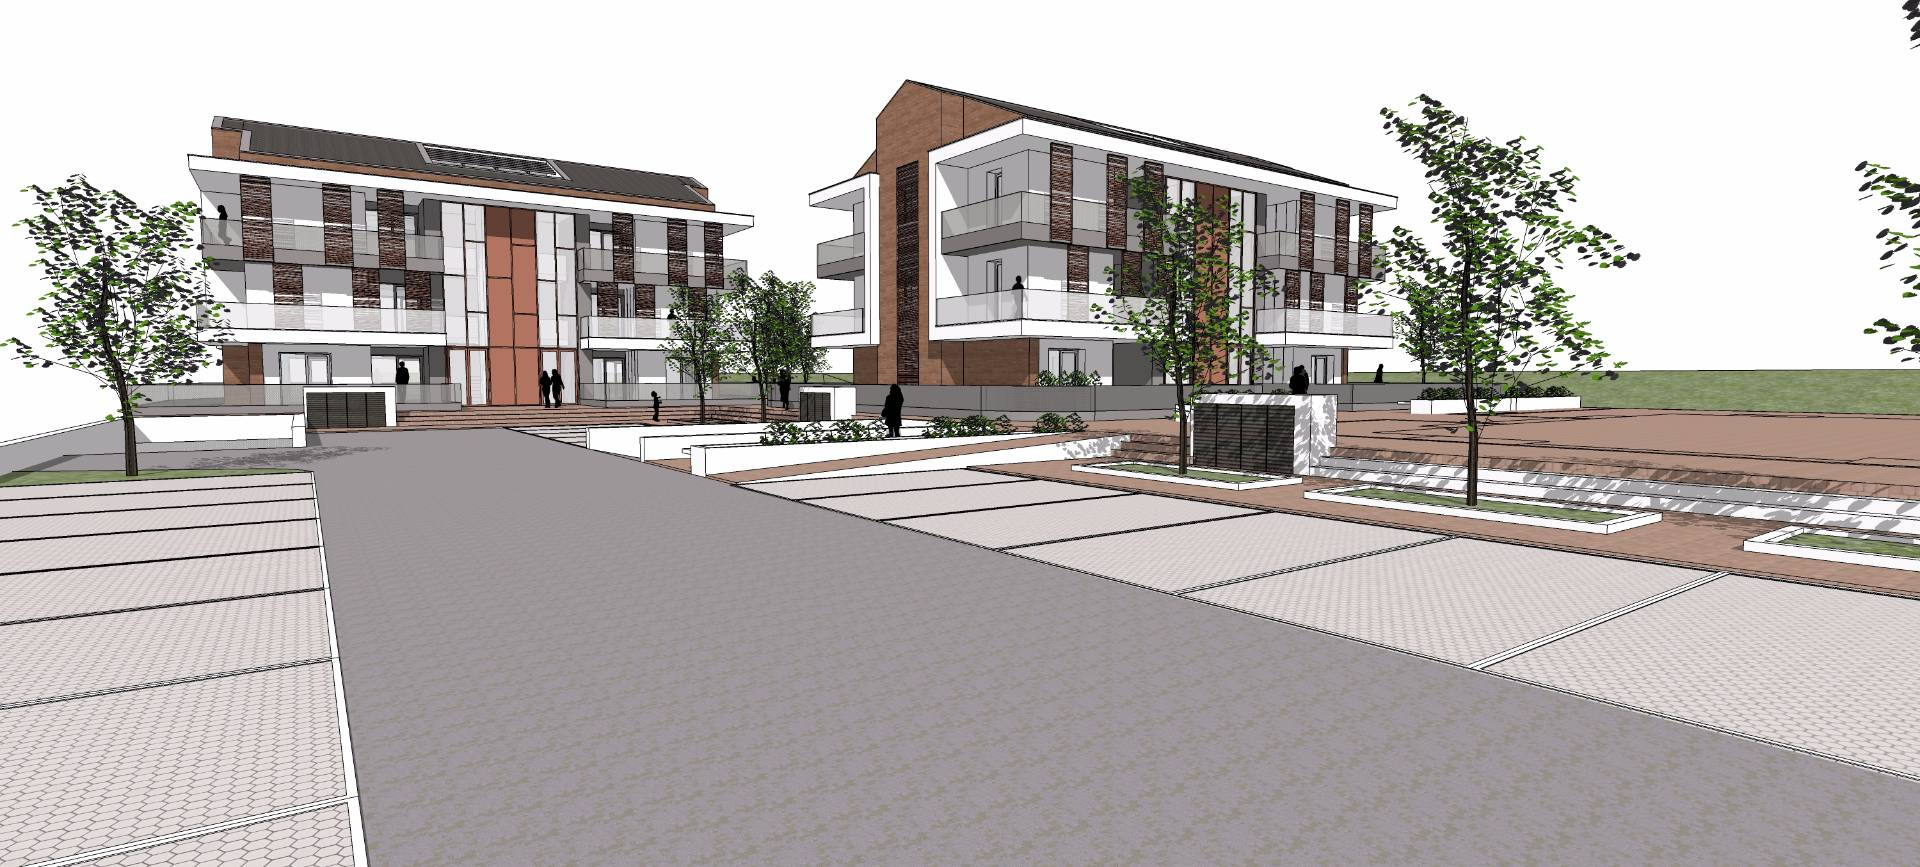 Appartamento in vendita a Cesena, 4 locali, zona Località: PonteAbbadesse, prezzo € 400.000 | CambioCasa.it